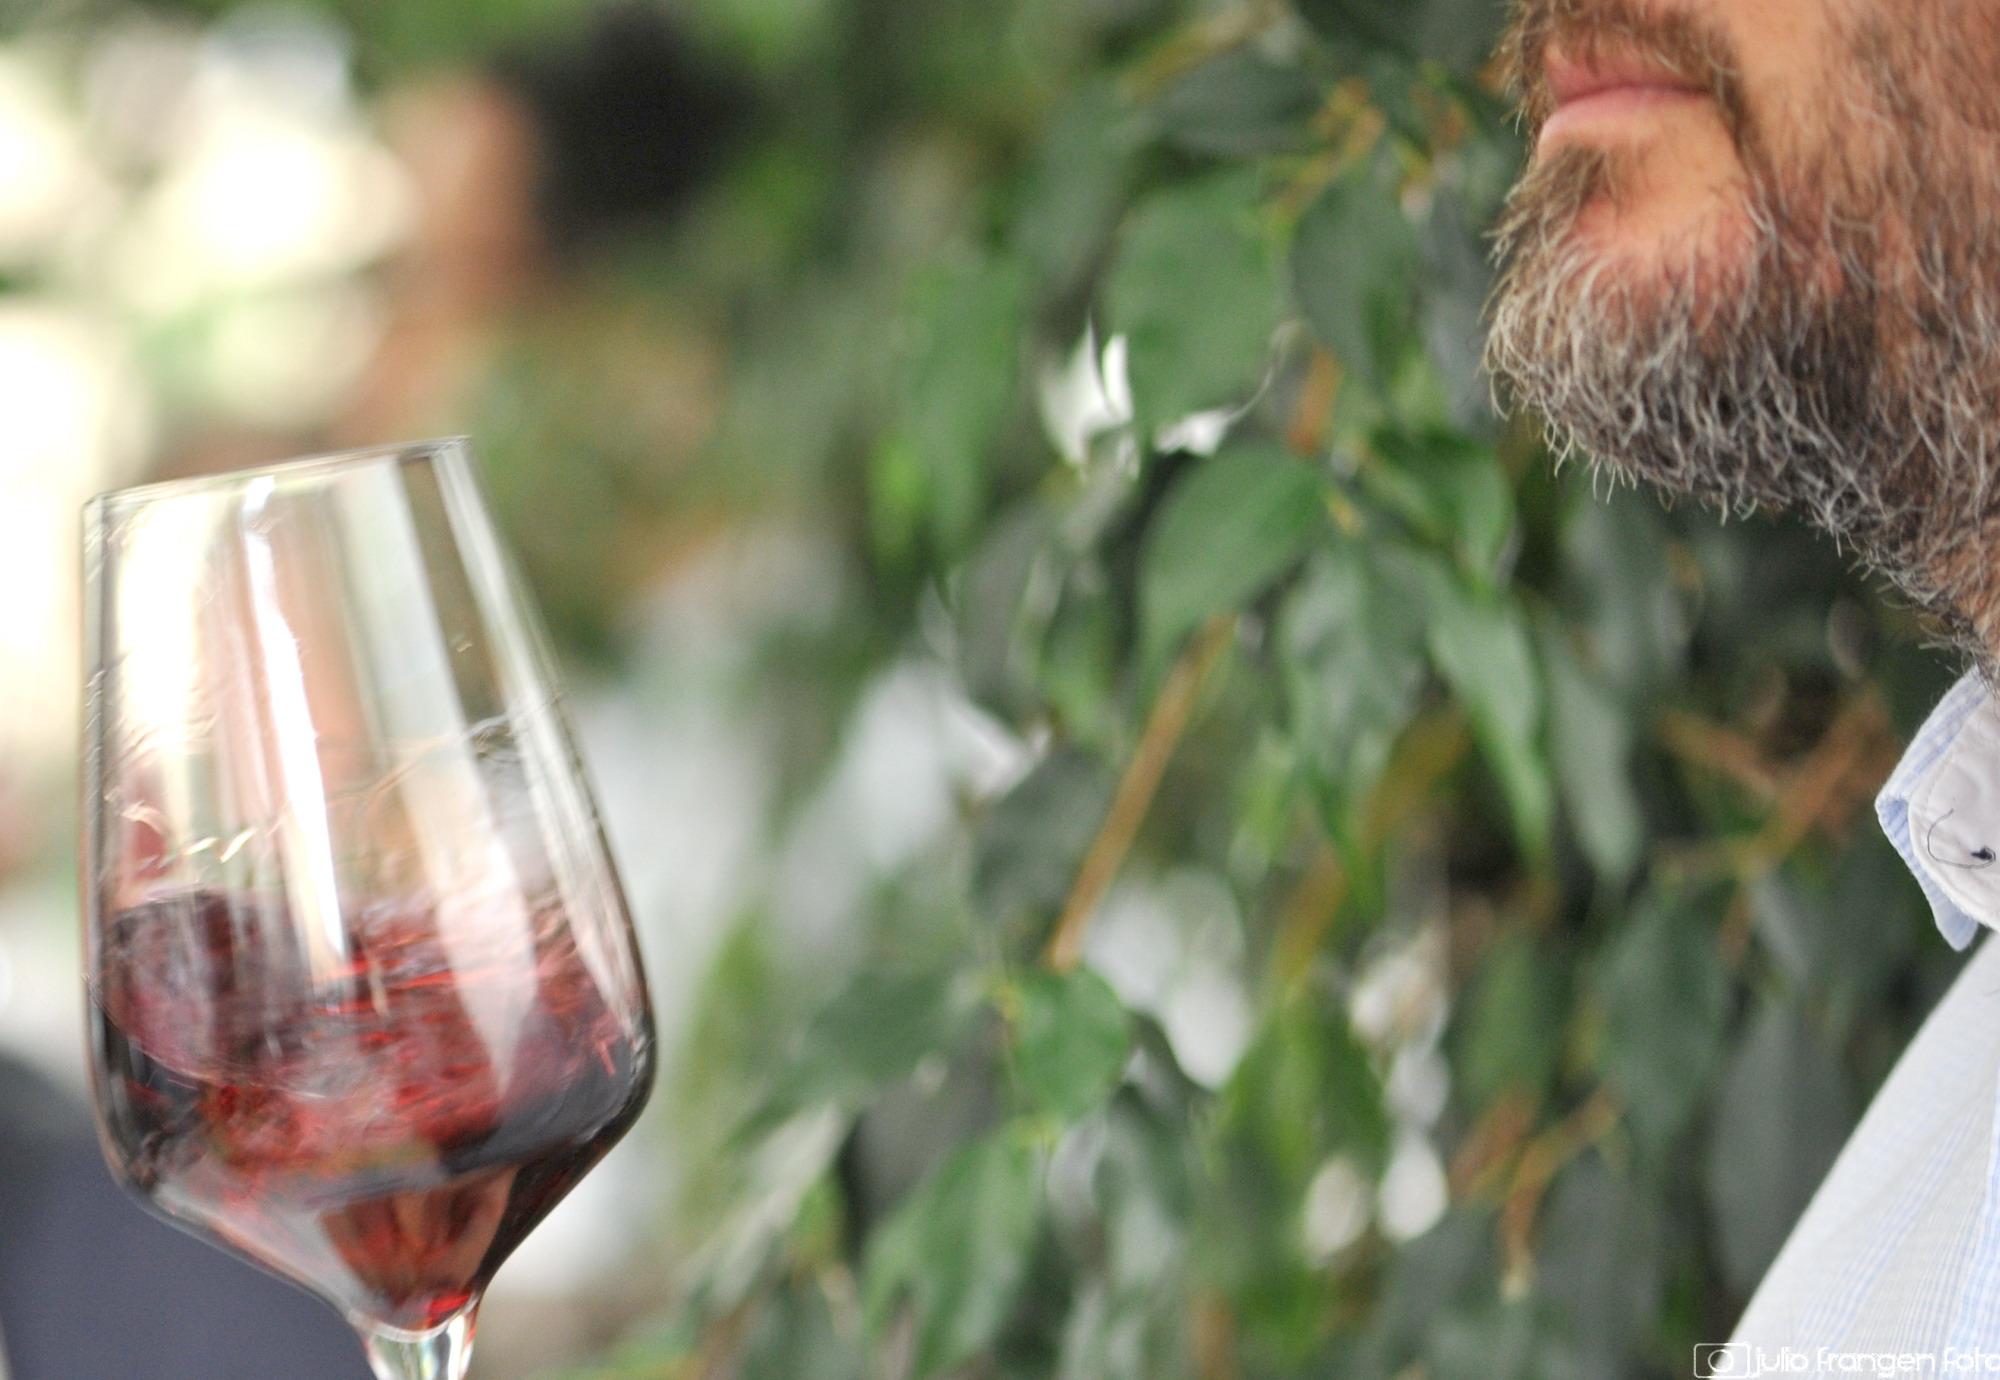 Vinske zvijezde 2019 #4: naš današnji izbor su ružičasta i crvena vina!